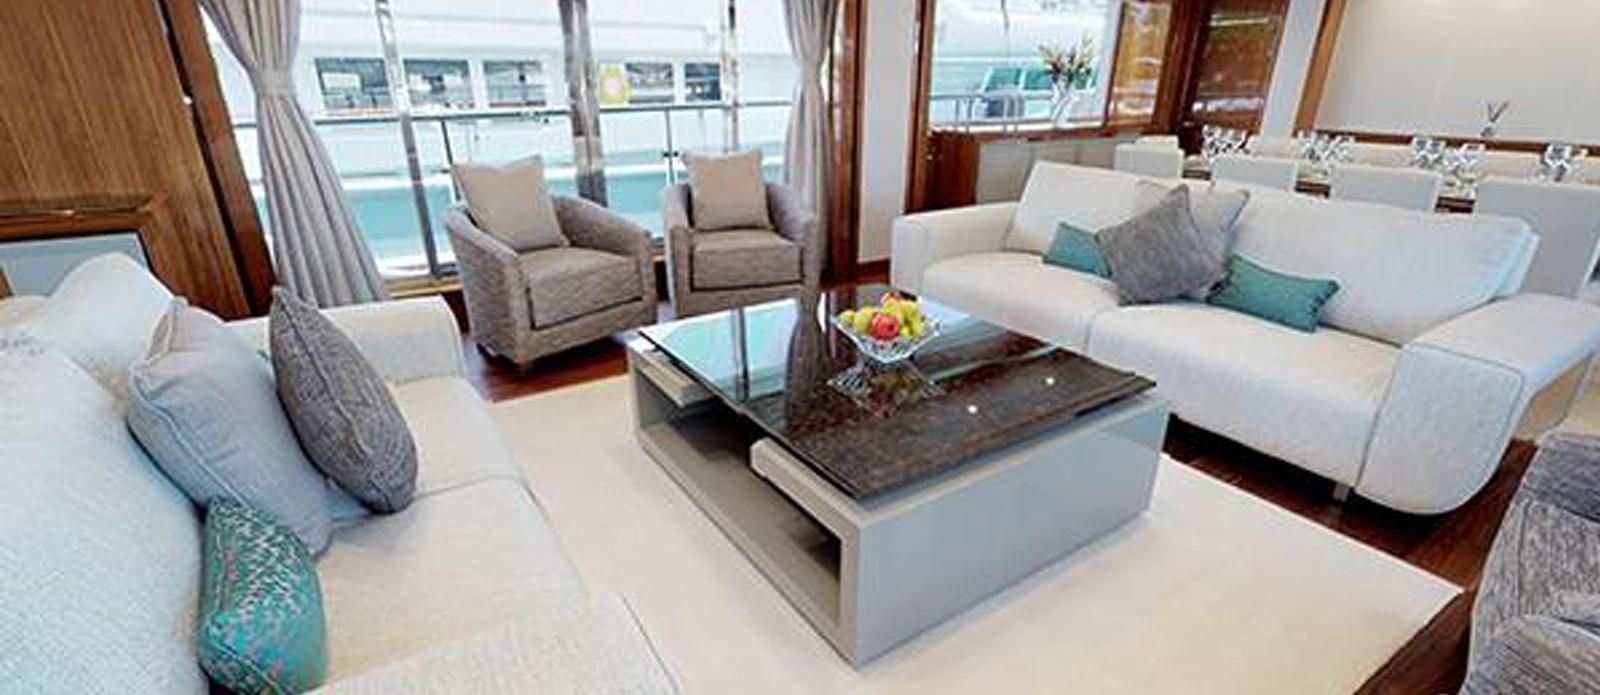 Sunseeker-116-Sport-Yacht-Priceless-16